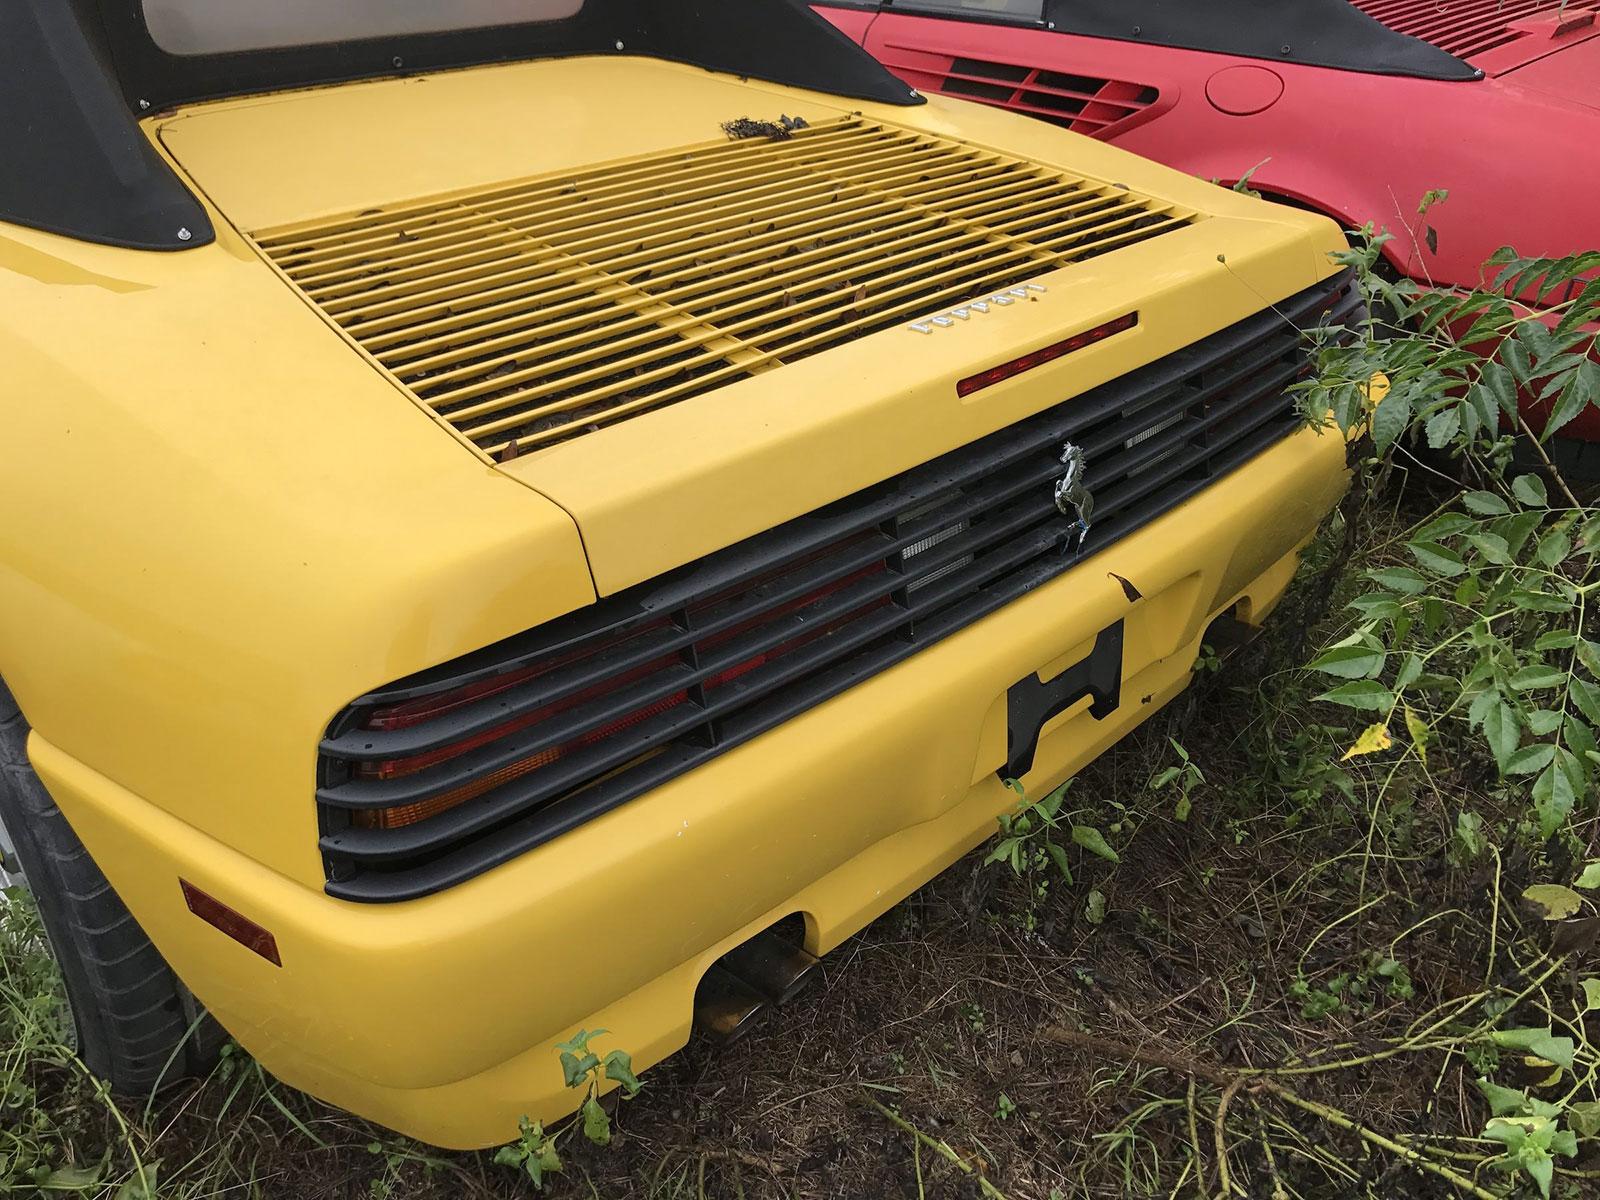 Hơn chục chiếc siêu xe Ferrari bị vứt trỏng trơ tại bãi cỏ khiến ai cũng nhìn cũng xót xa - Hình 14